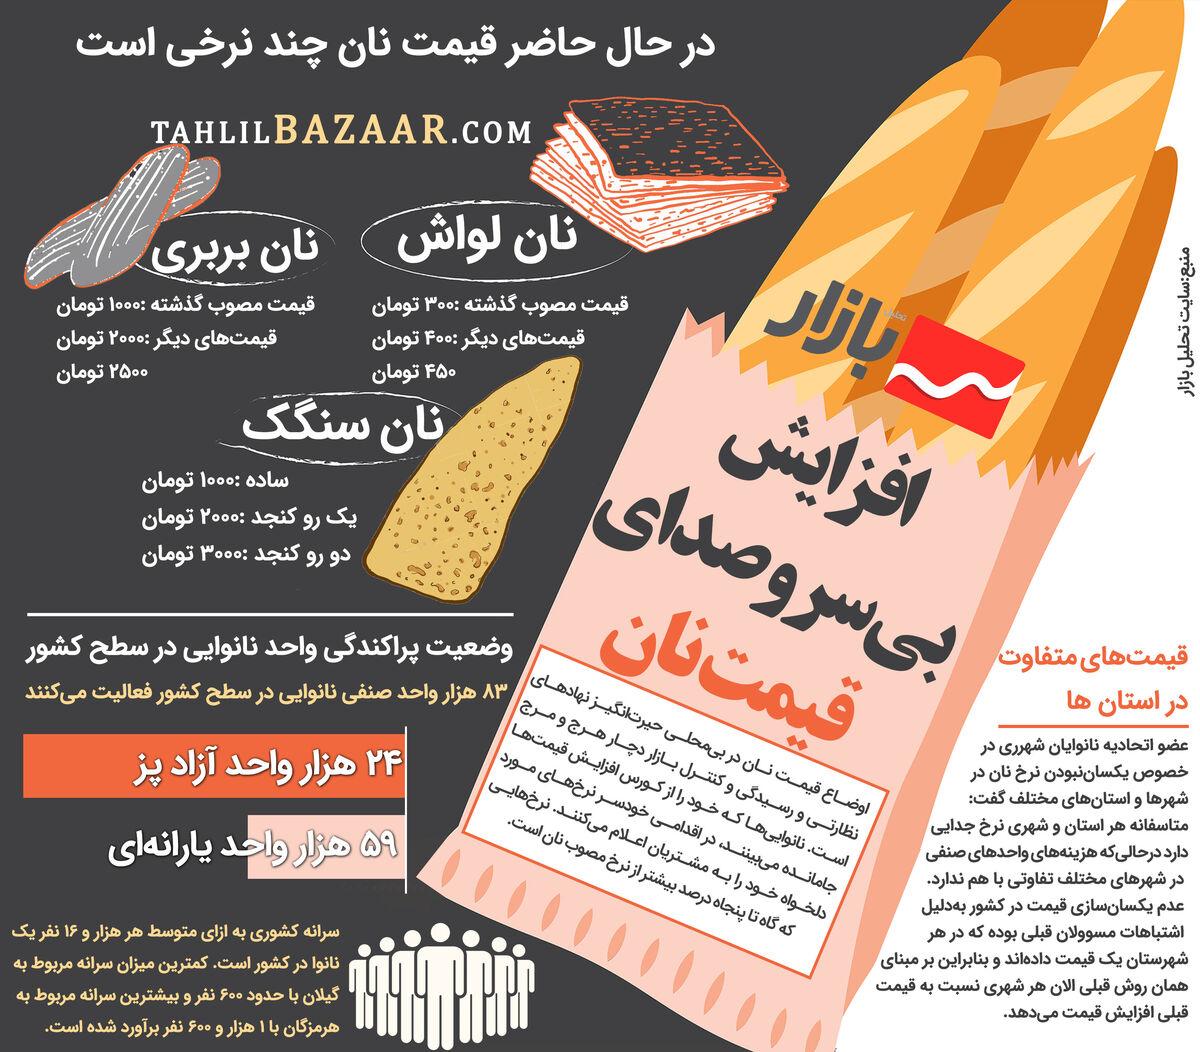 افزایش بیسروصدای قیمت نان